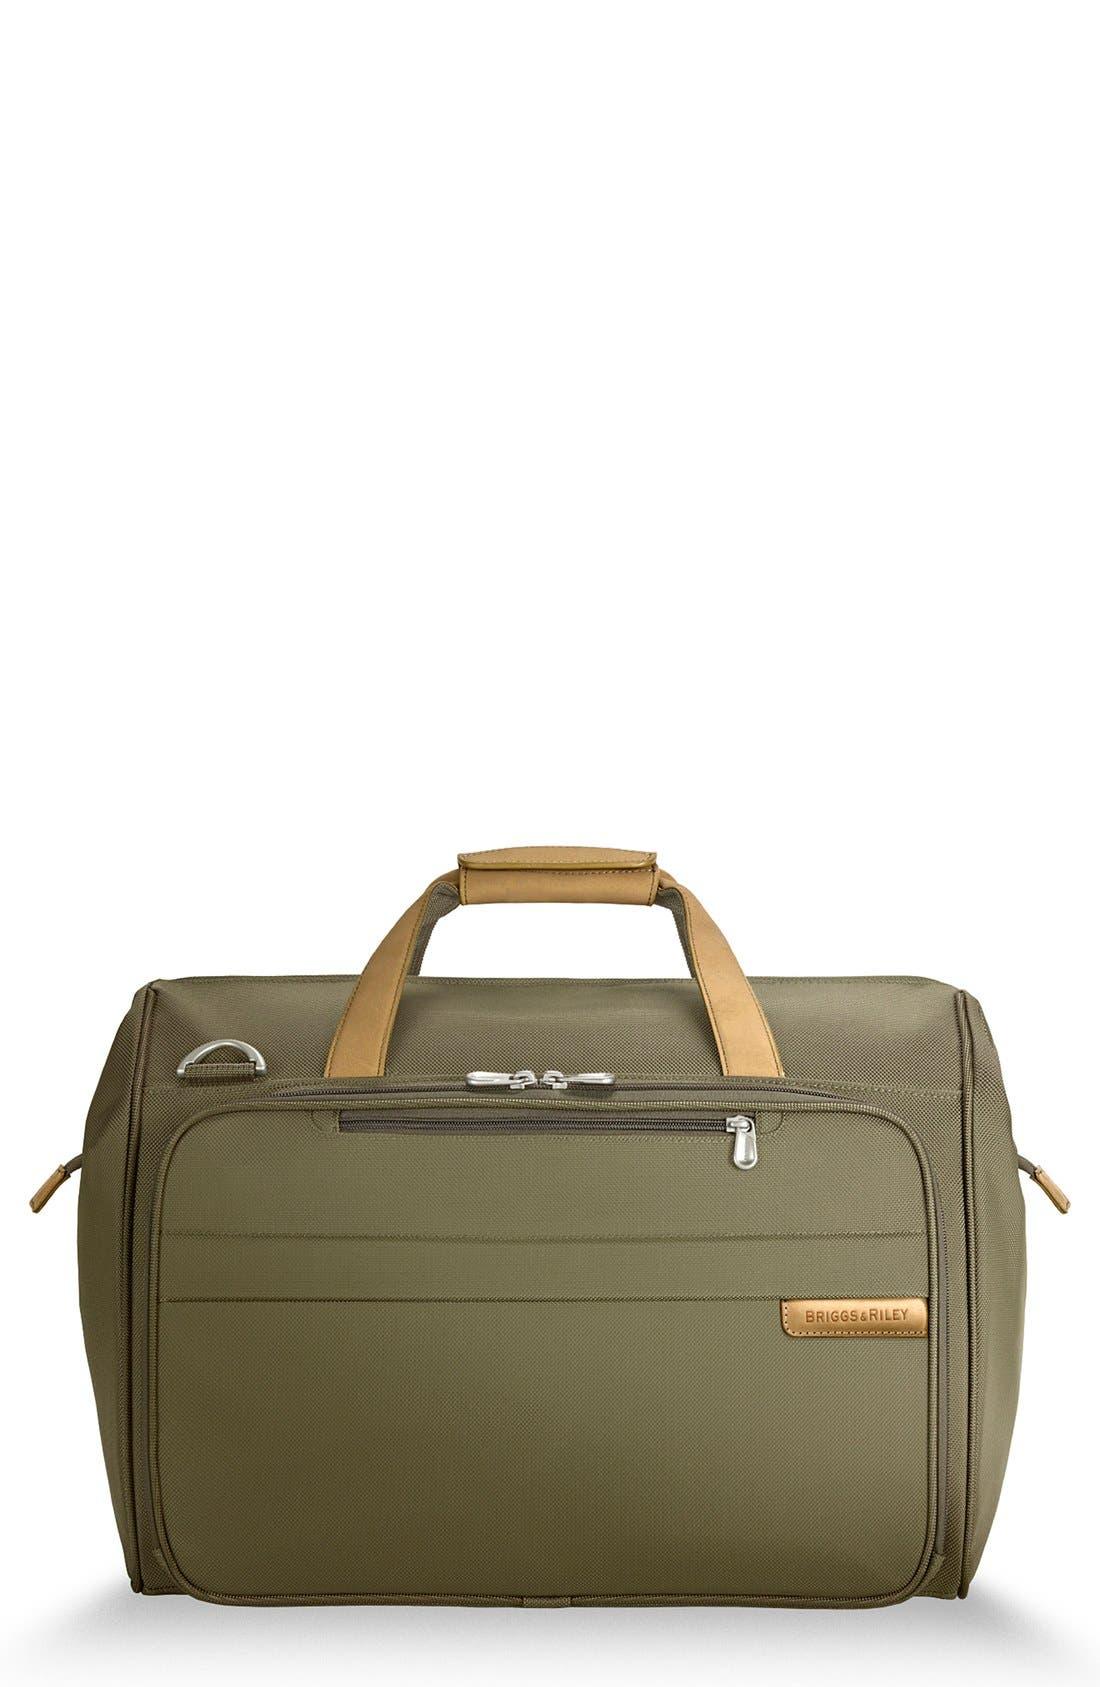 Main Image - Briggs & Riley 'Baseline' Duffel Bag